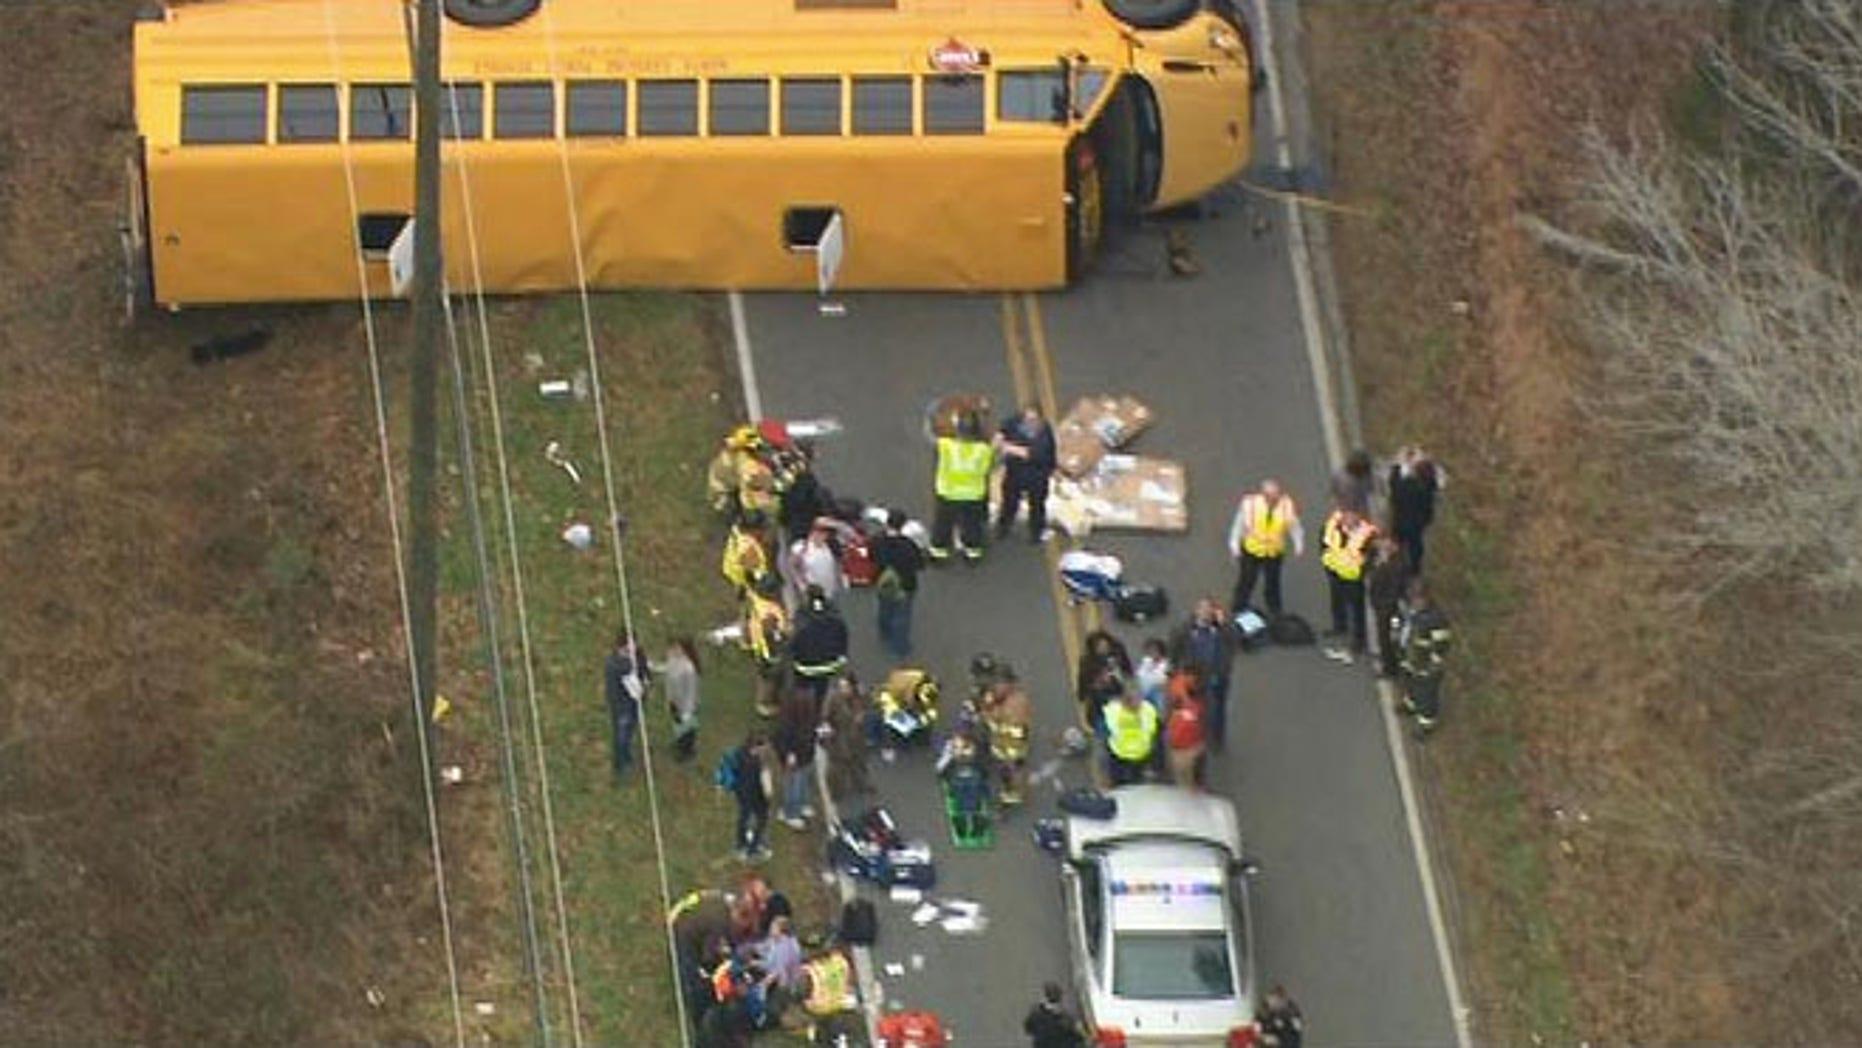 15 injured when school bus overturns in North Carolina | Fox News